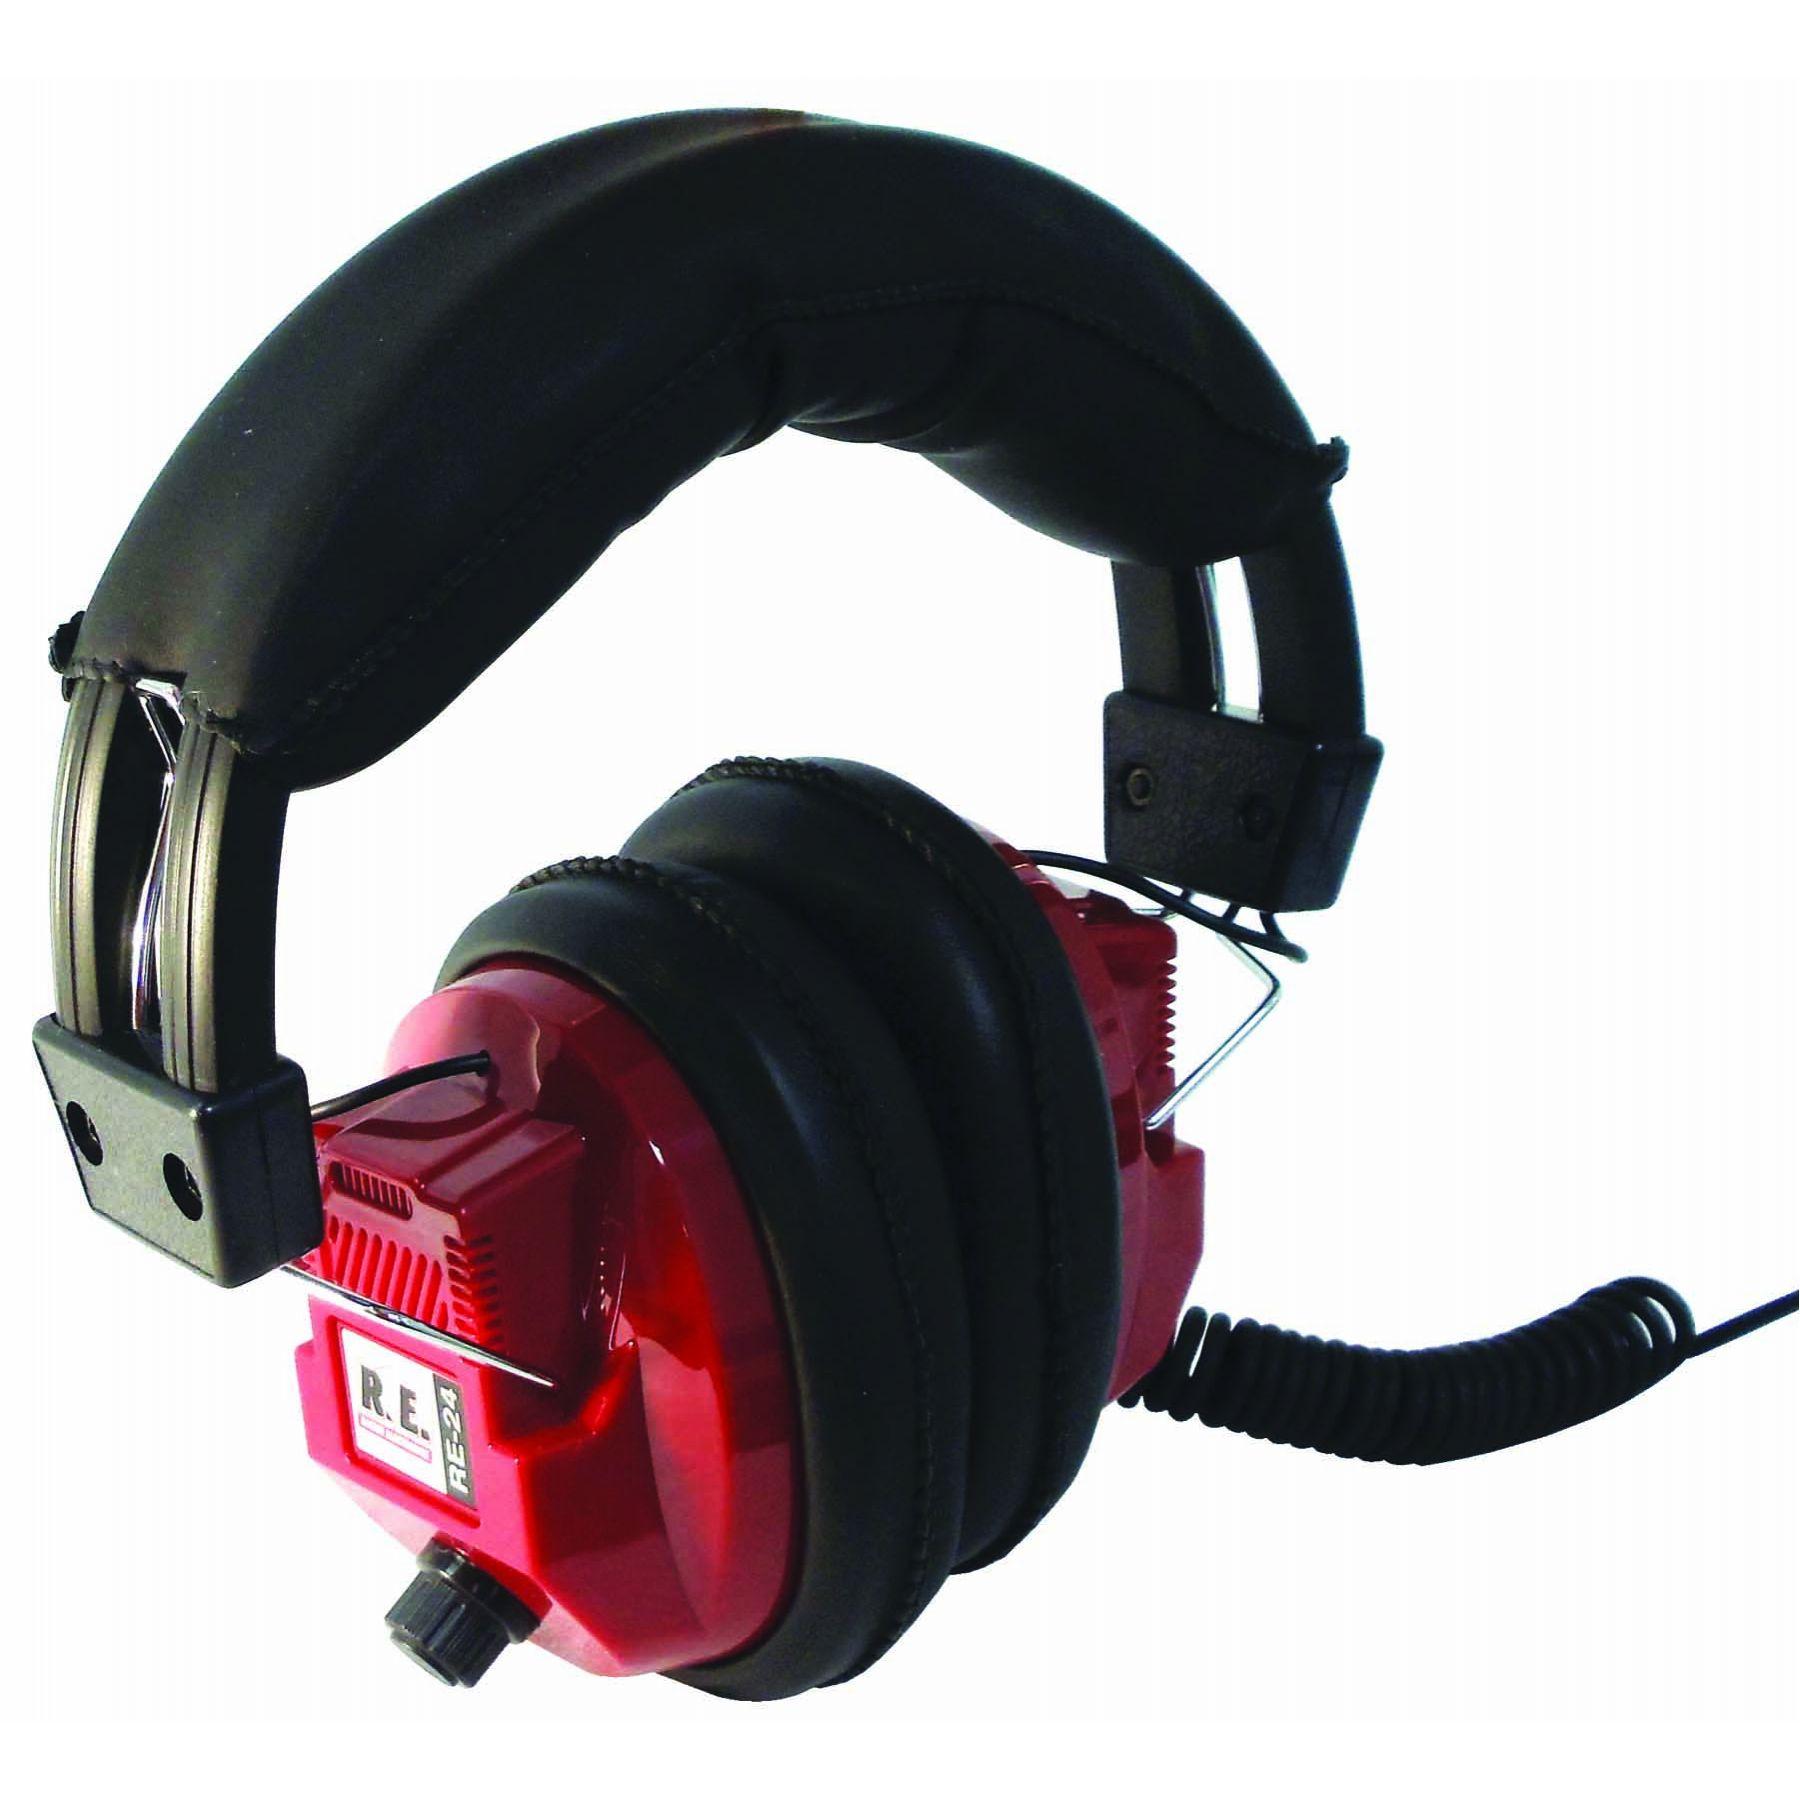 Racing Electronics headset